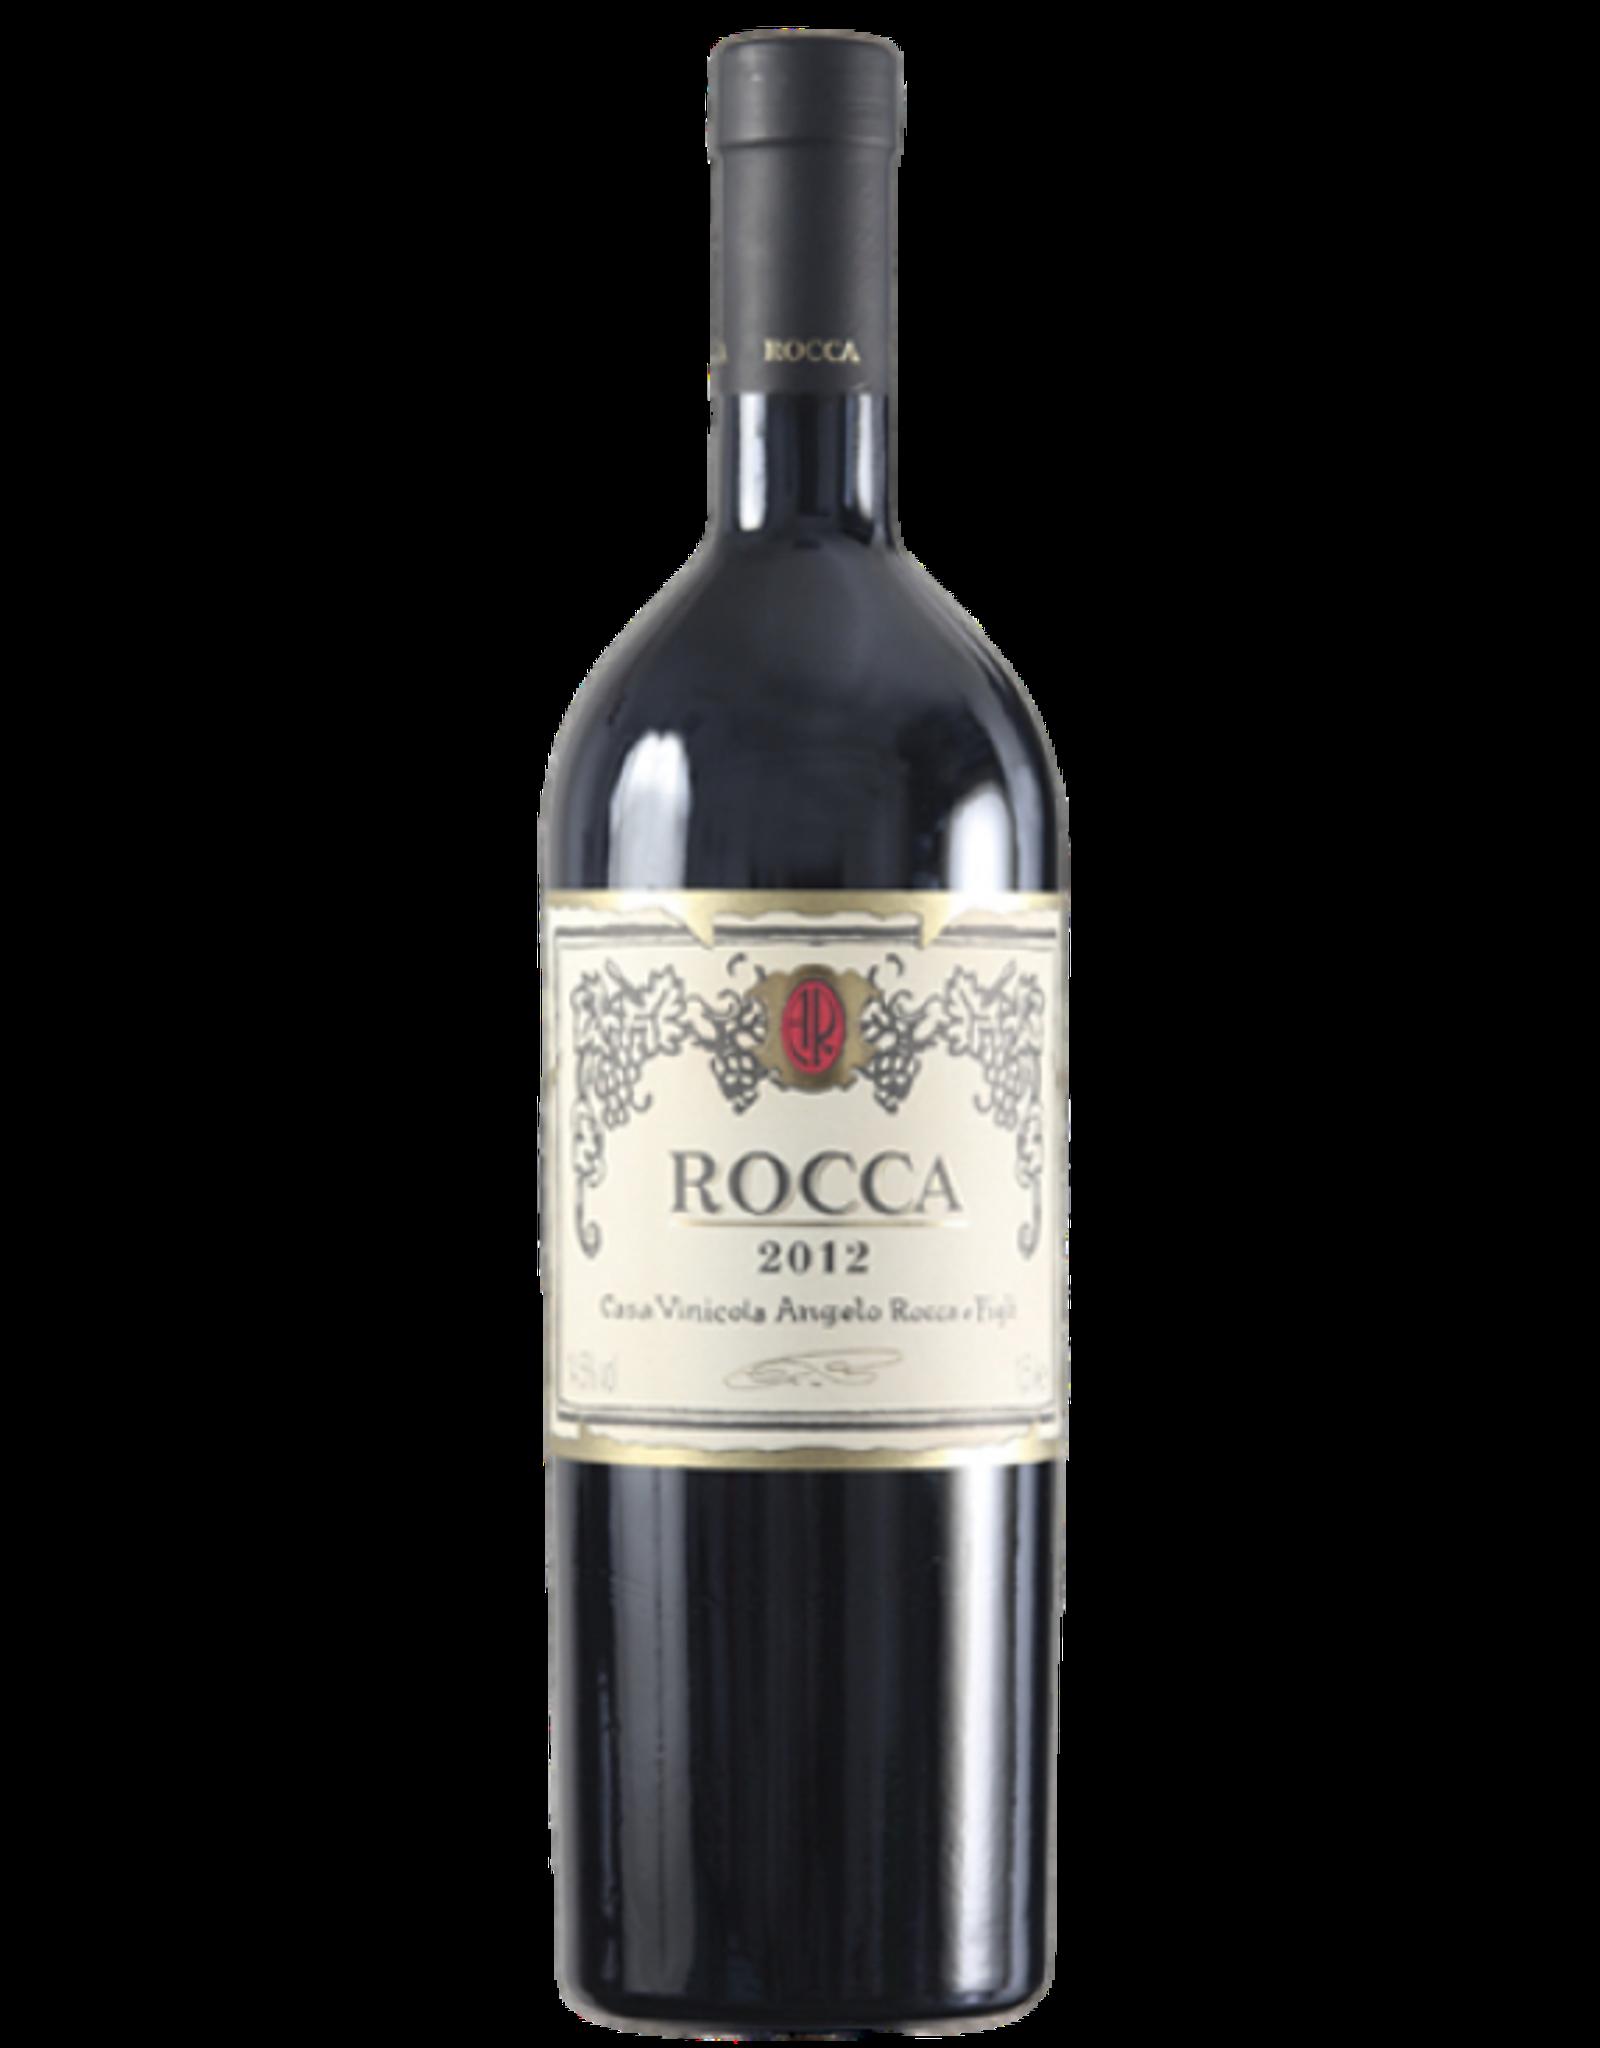 Rocca Rocca di Rocca Salento Rosso IGT 2012